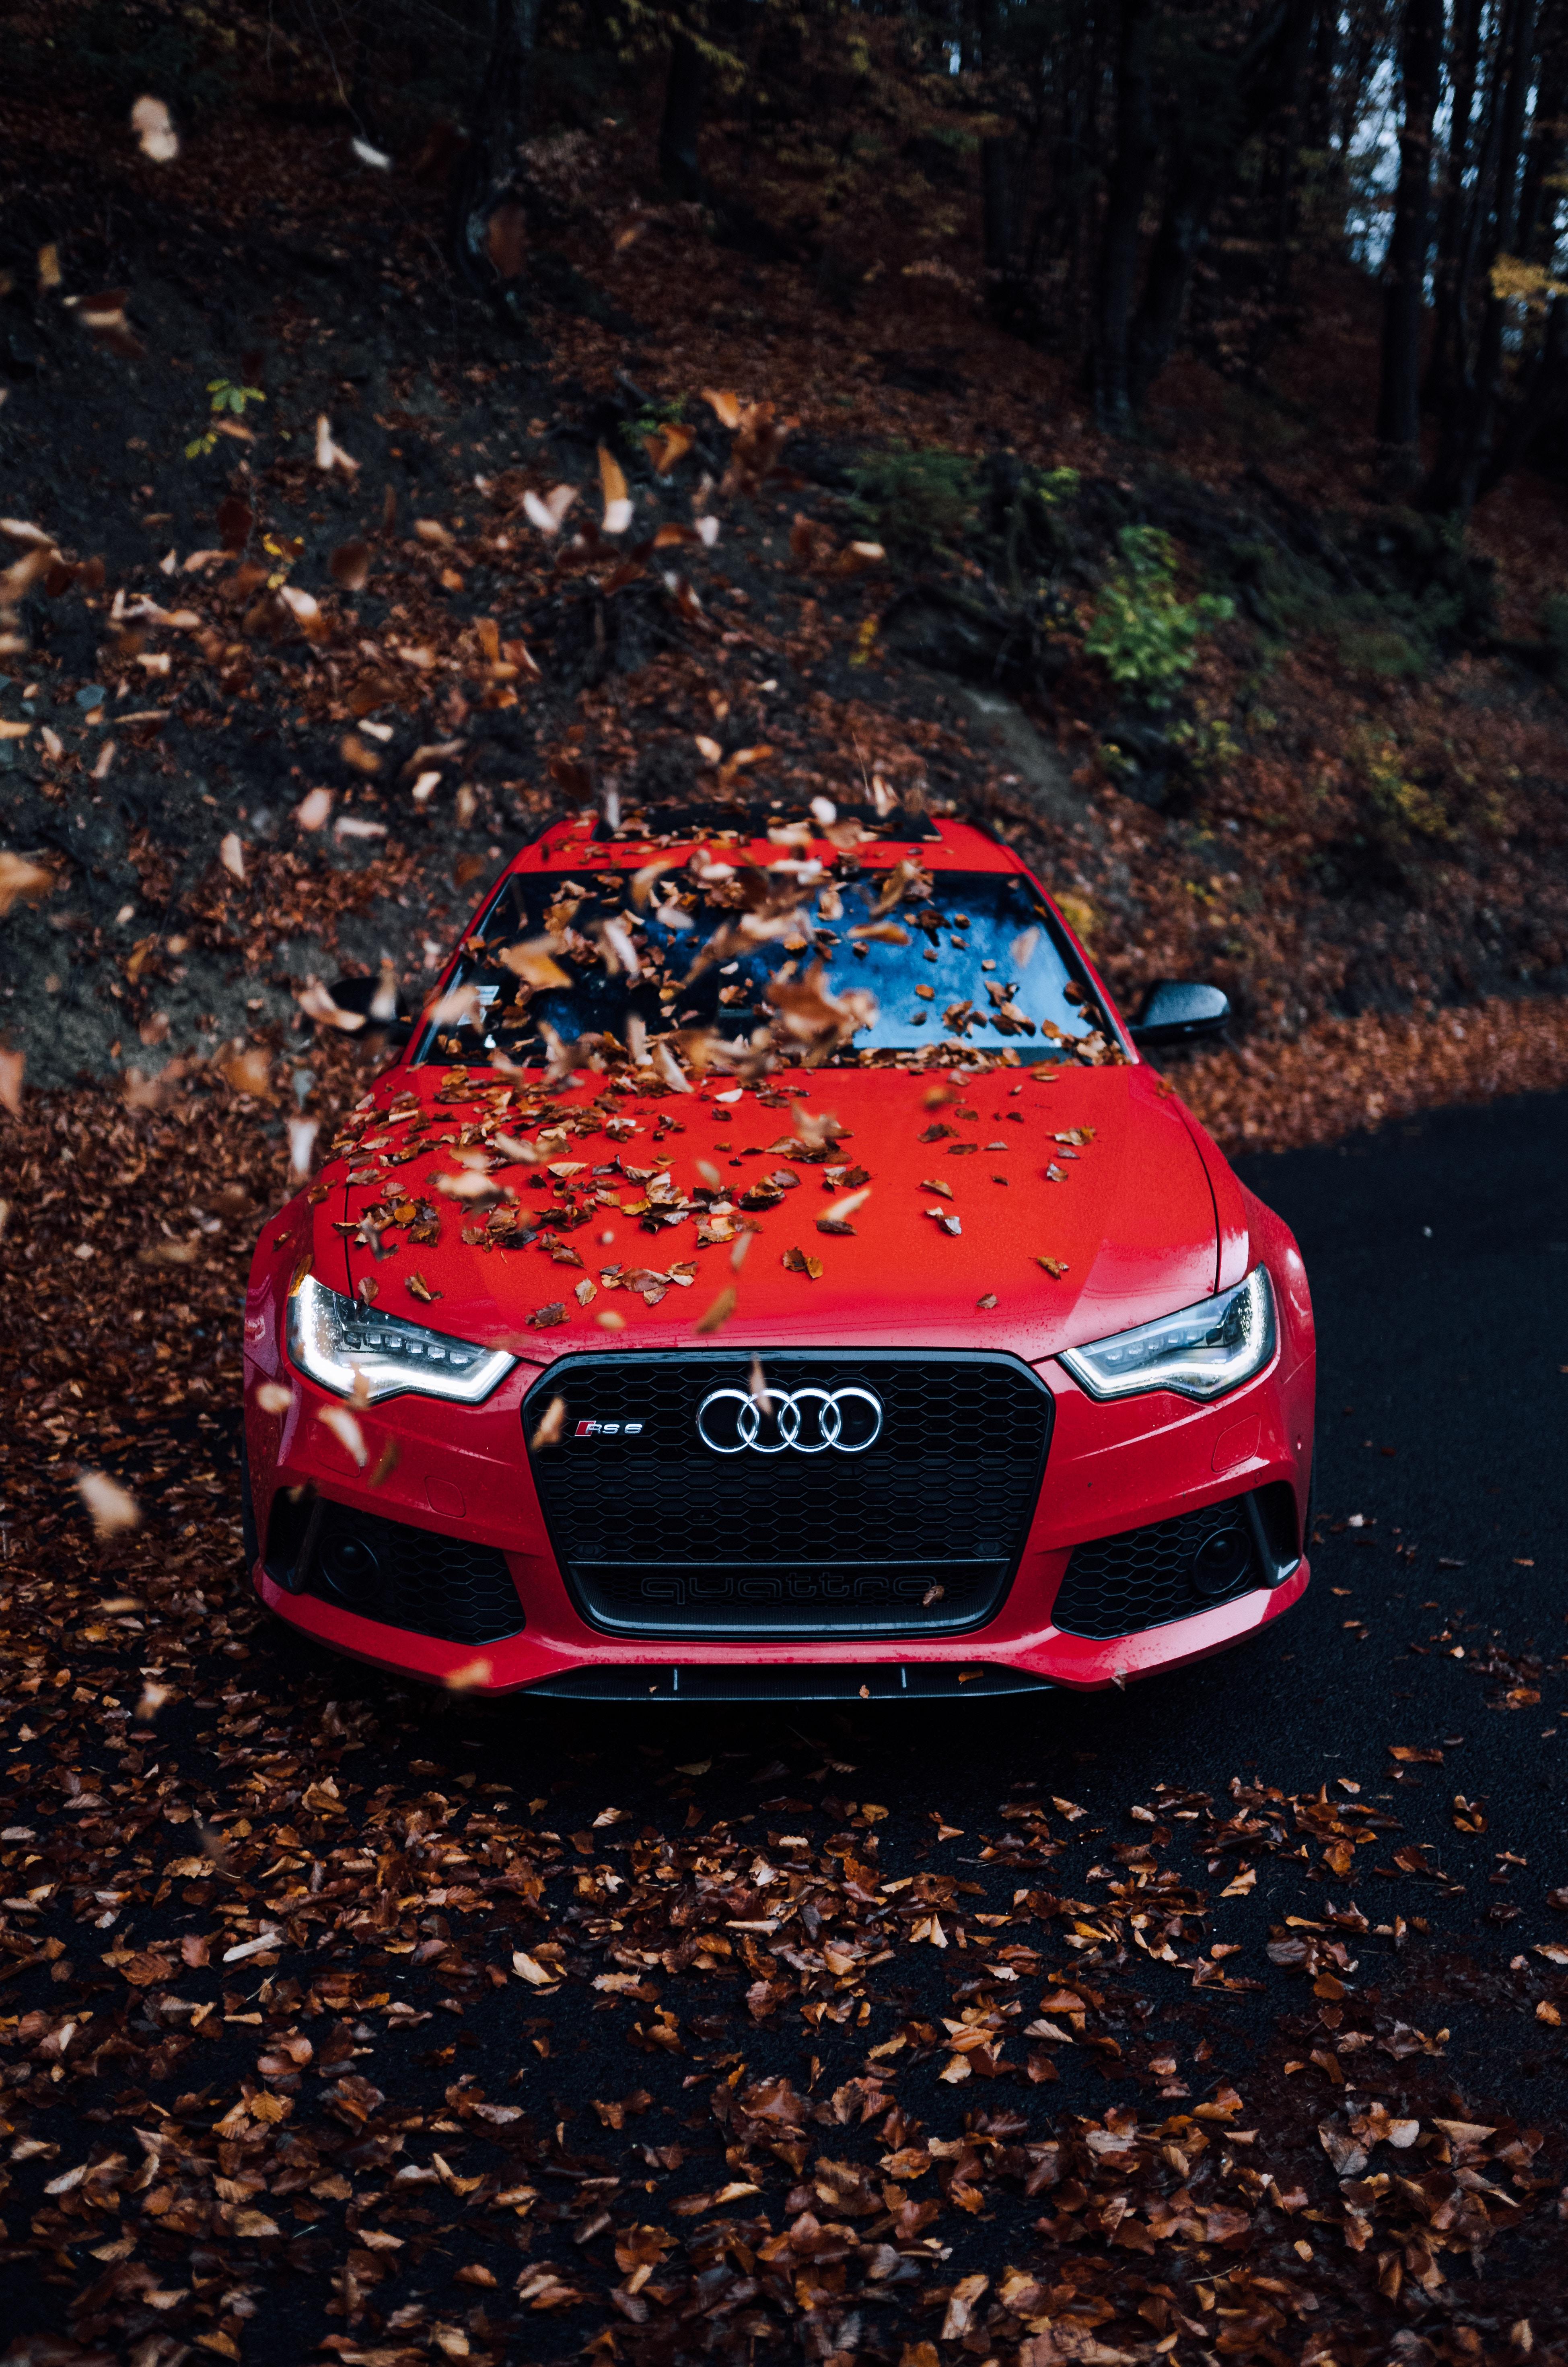 71441 скачать обои Ауди (Audi), Тачки (Cars), Осень, Красный, Автомобиль, Вид Спереди, Бампер, Листва - заставки и картинки бесплатно